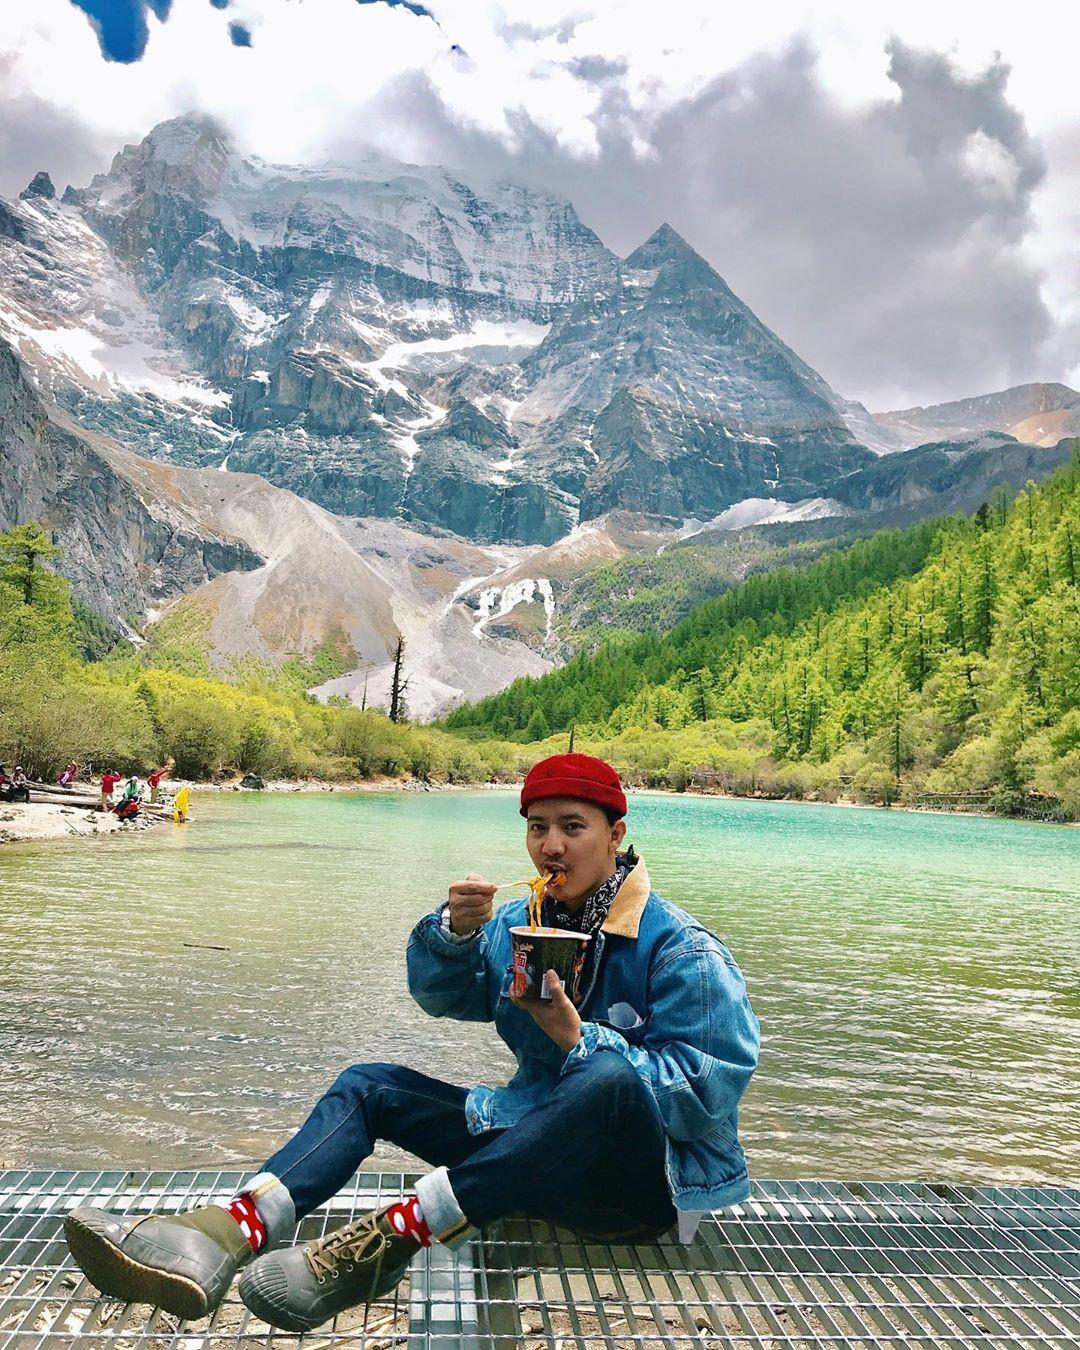 Ít ai biết Trung Quốc có một nơi được mệnh danh tận cùng nhân gian: Đường đi vô cùng khó khăn, phong cảnh đẹp đến choáng ngợp! - Ảnh 14.